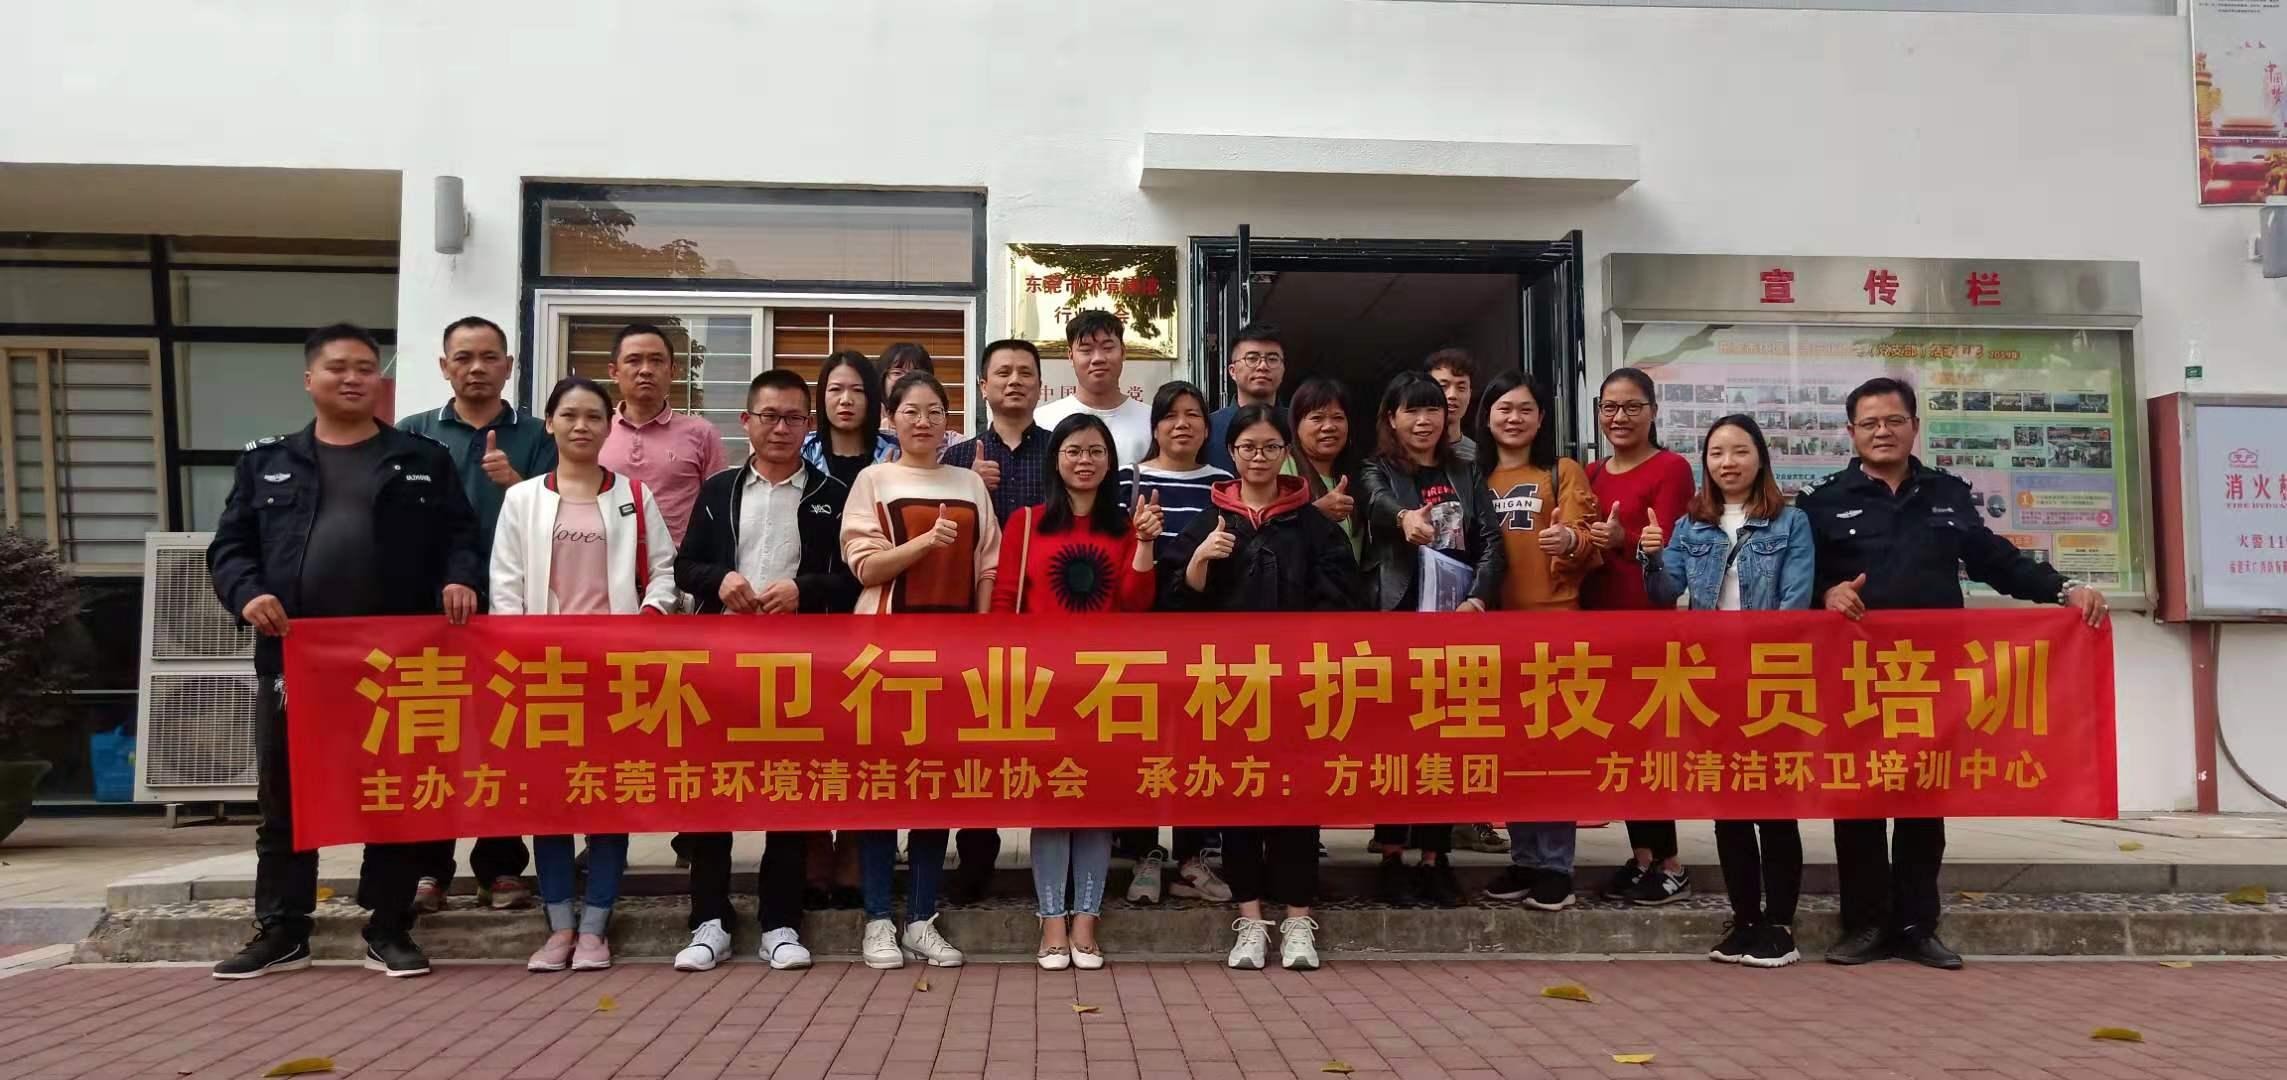 东莞市环卫清洁行业协会第三期美石石材/地坪技术培训班